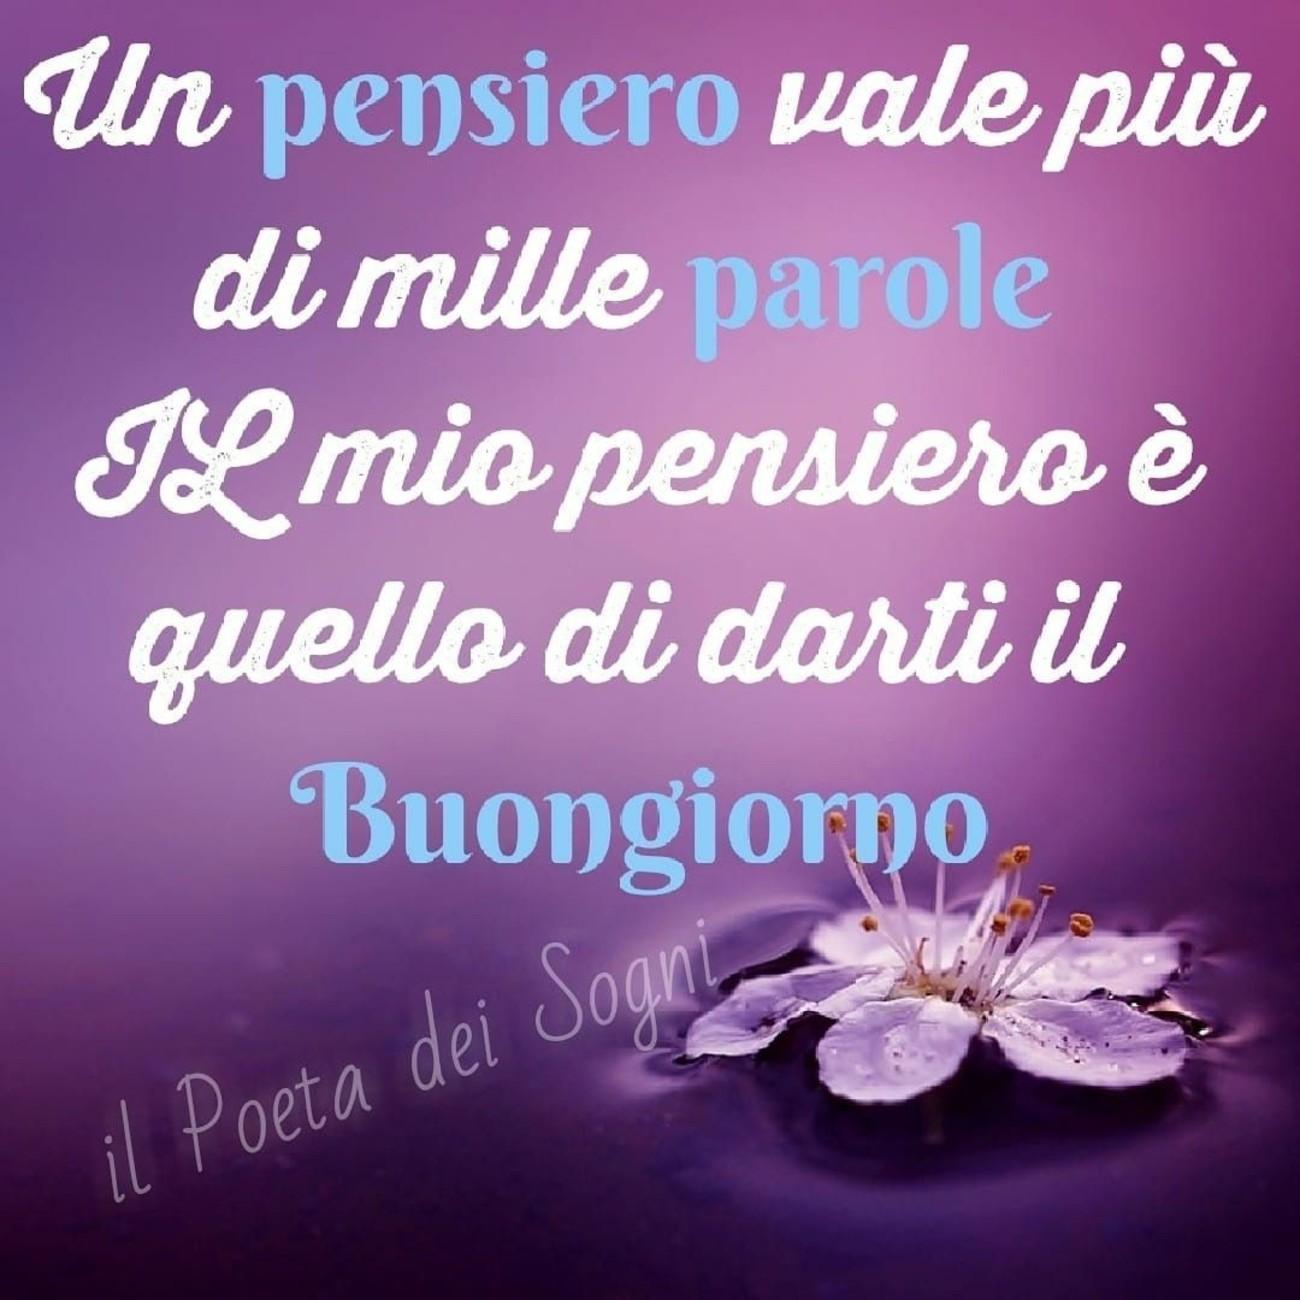 Immagini Con Frasi Belle Buongiorno 3 Immaginifacebook It